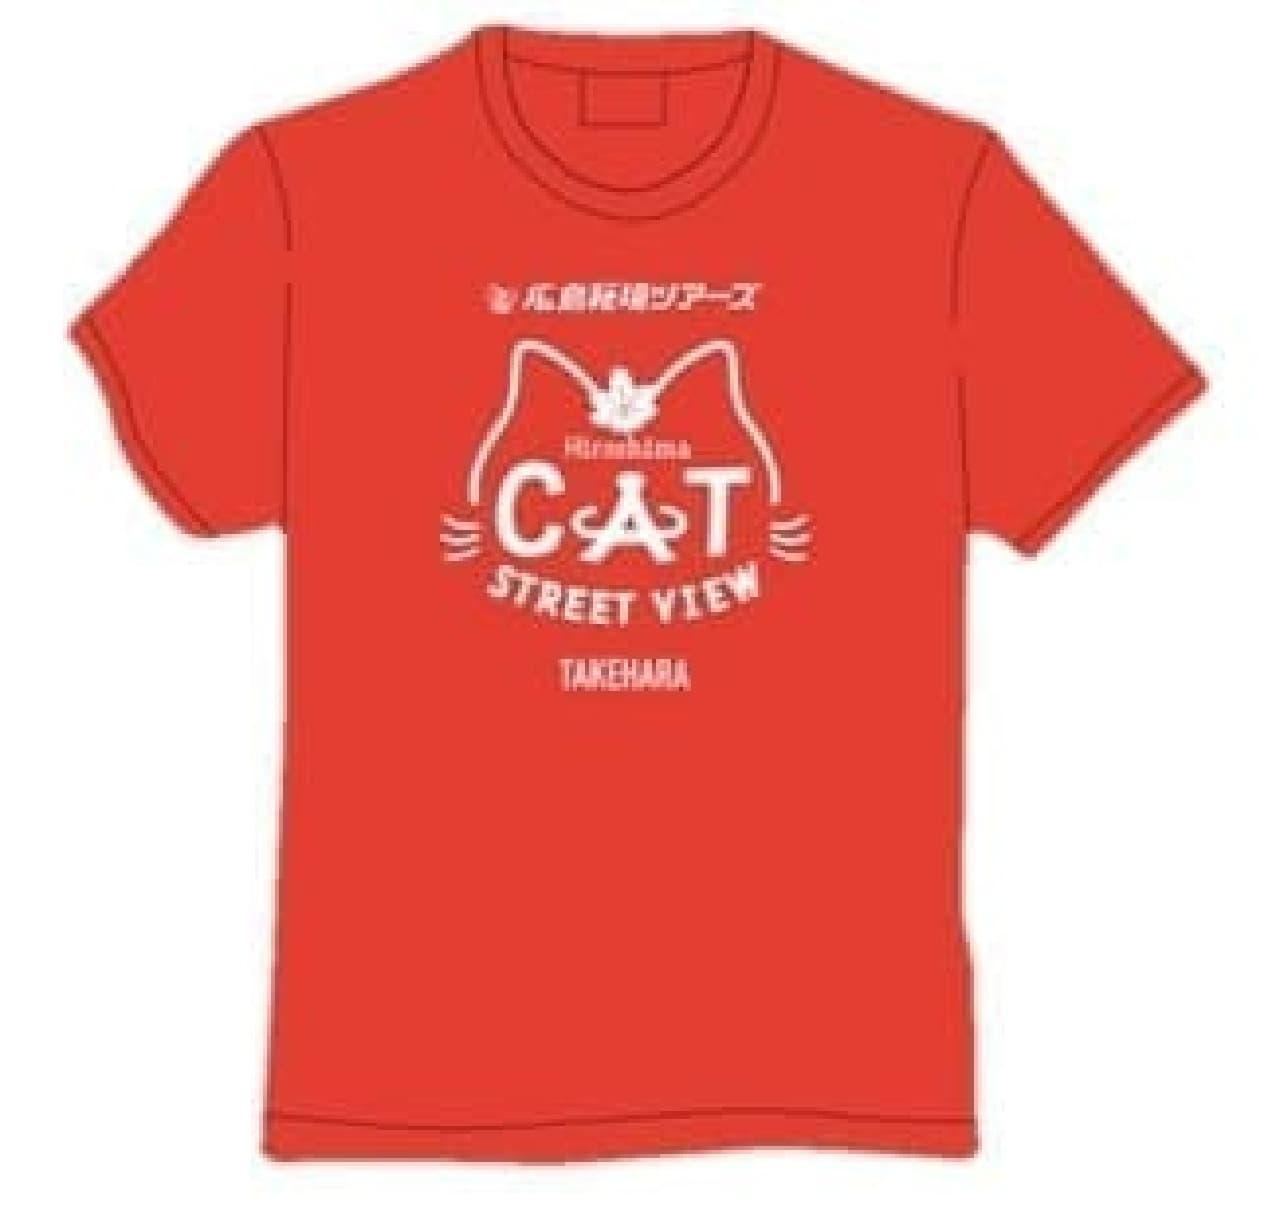 広島CAT STREET VIEW(キャットストリートビュー)竹原編